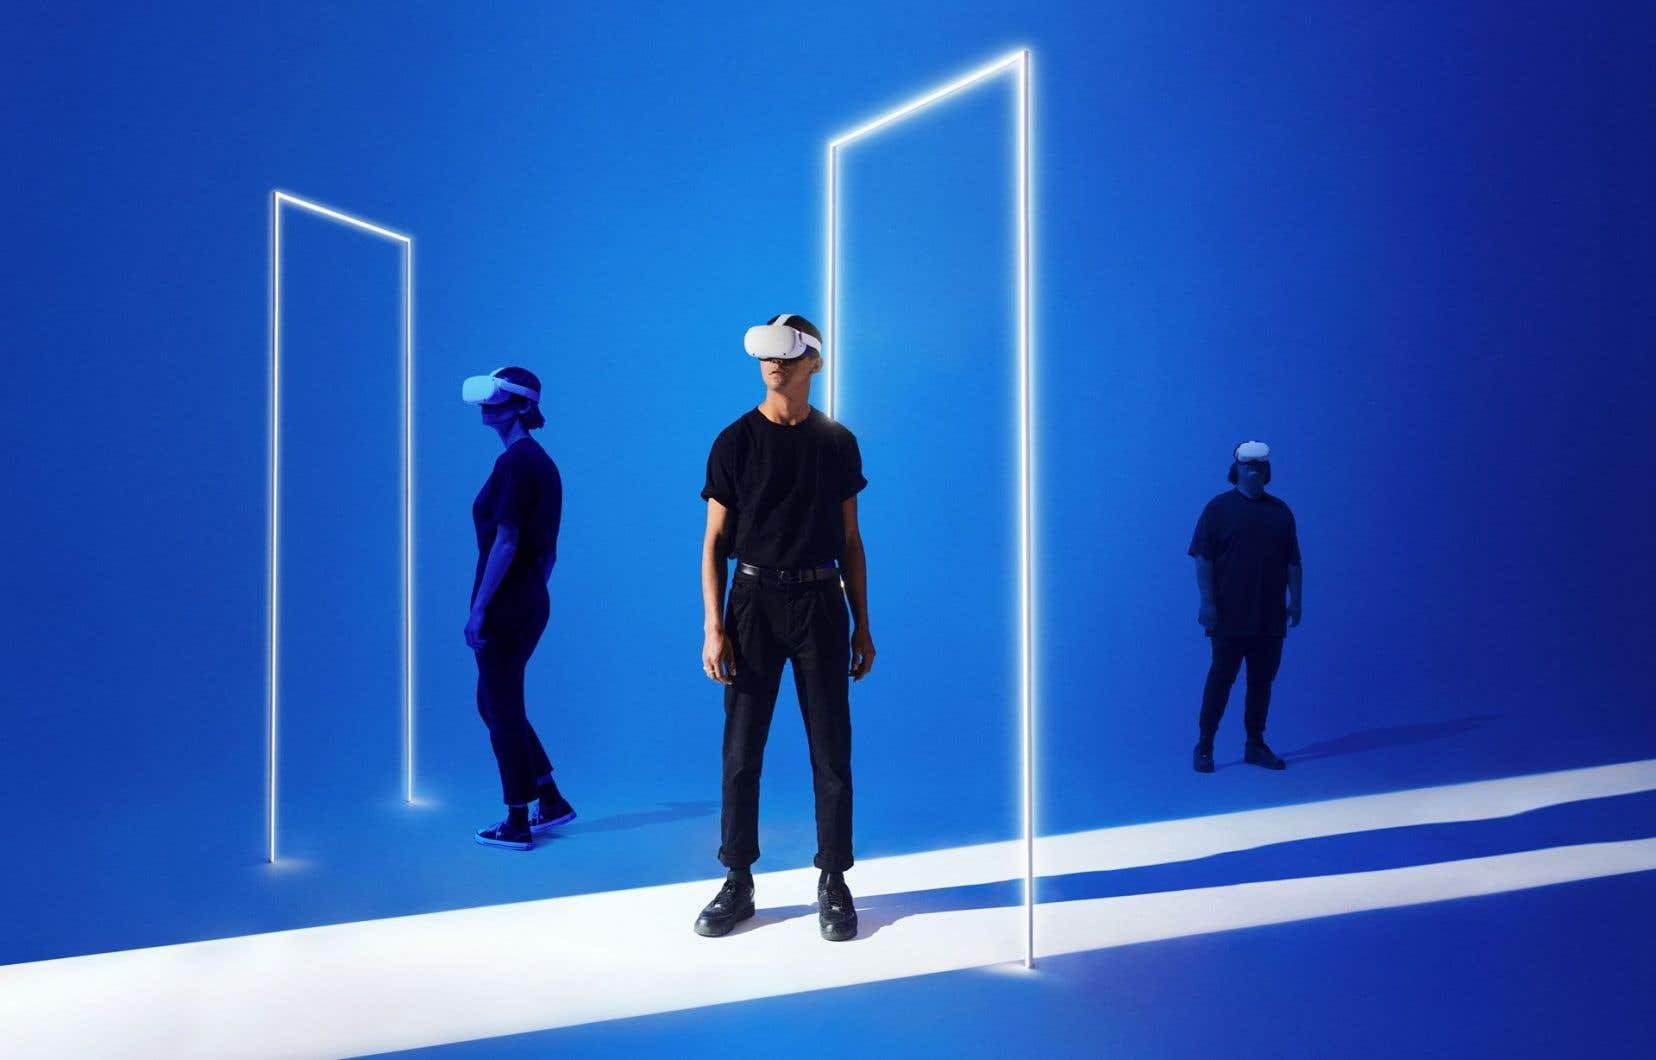 Présentée à l'Arsenal Art contemporain Montréal, l'expérience immersive «L'infini» fait voyager le public à bord de la Station spatiale internationale.